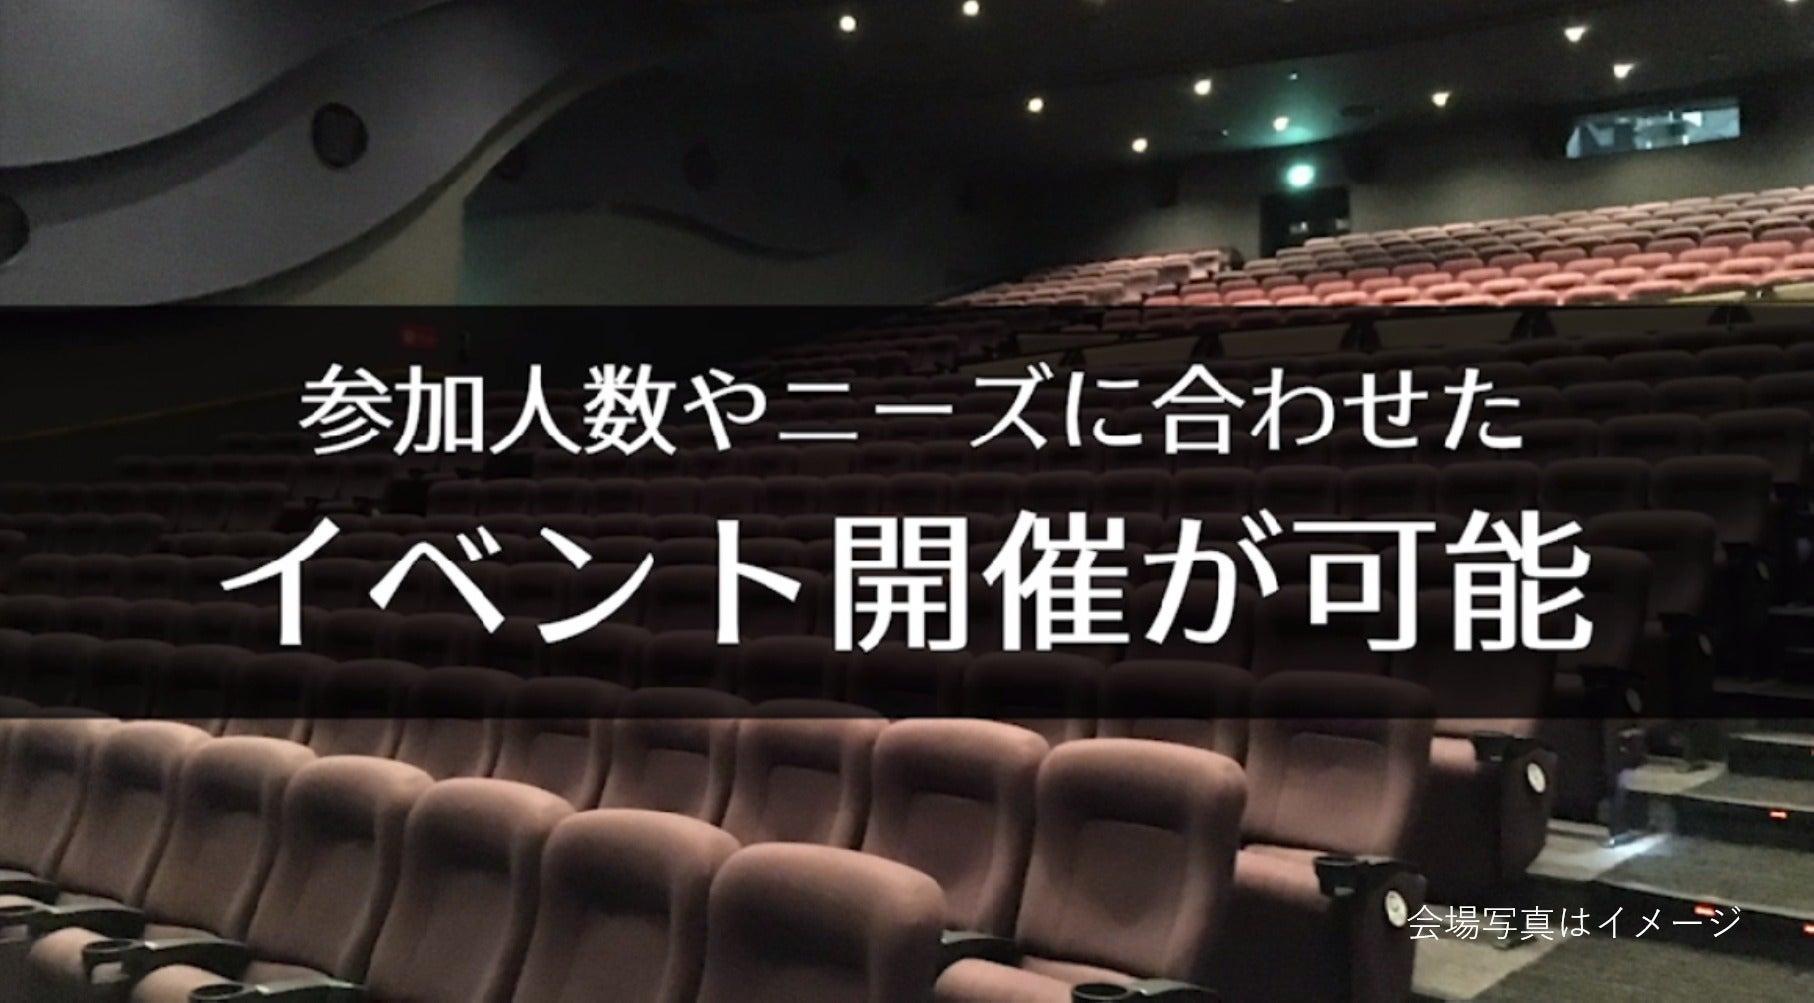 【つくば 117席】映画館で、会社説明会、株主総会、講演会の企画はいかがですか?(シネプレックスつくば) の写真0